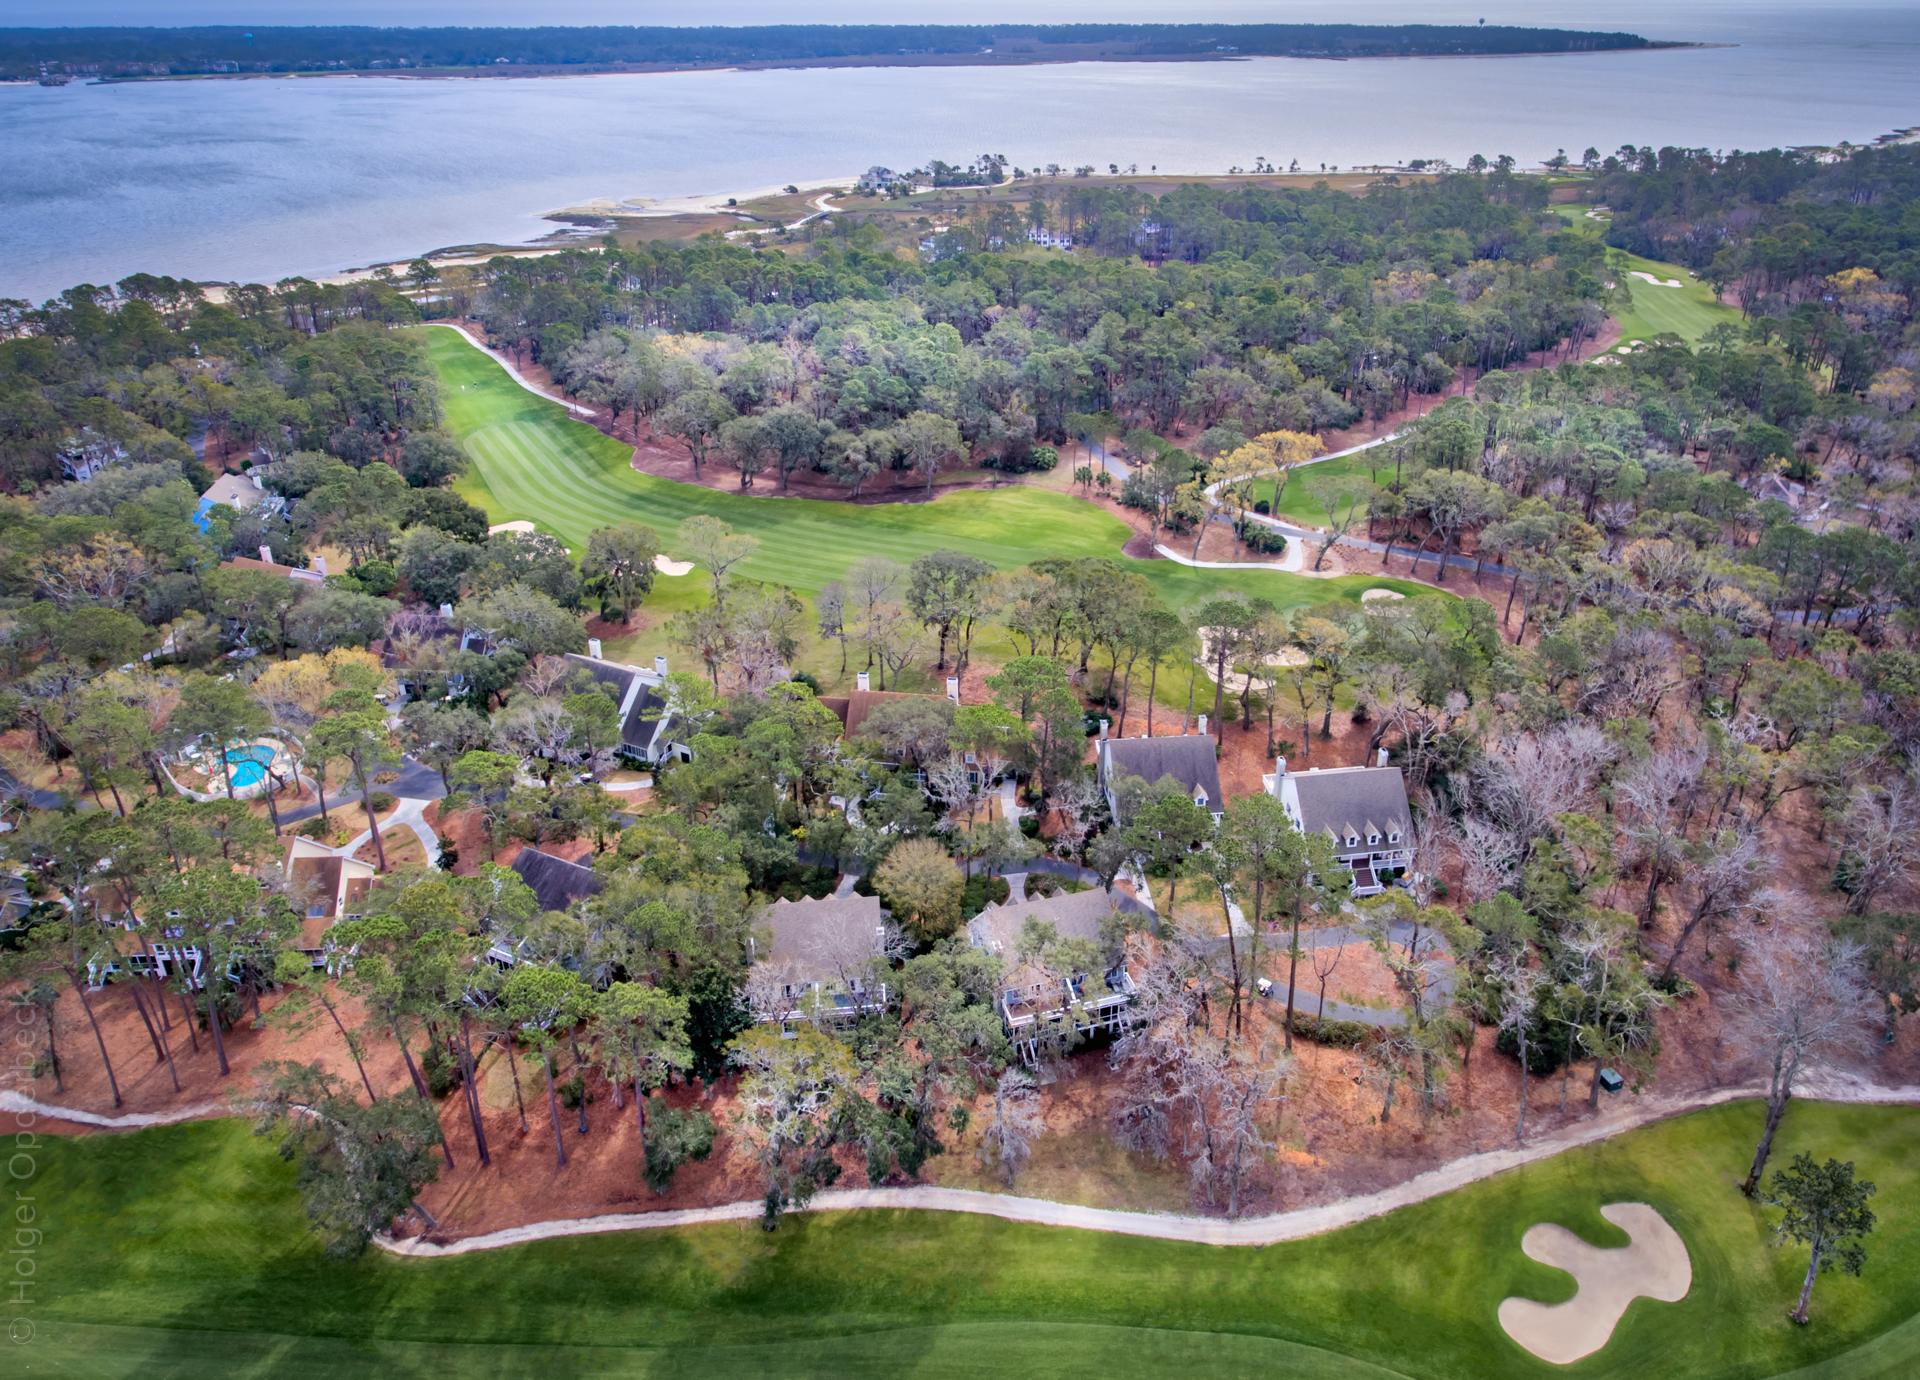 drone-plantation-homes.jpg